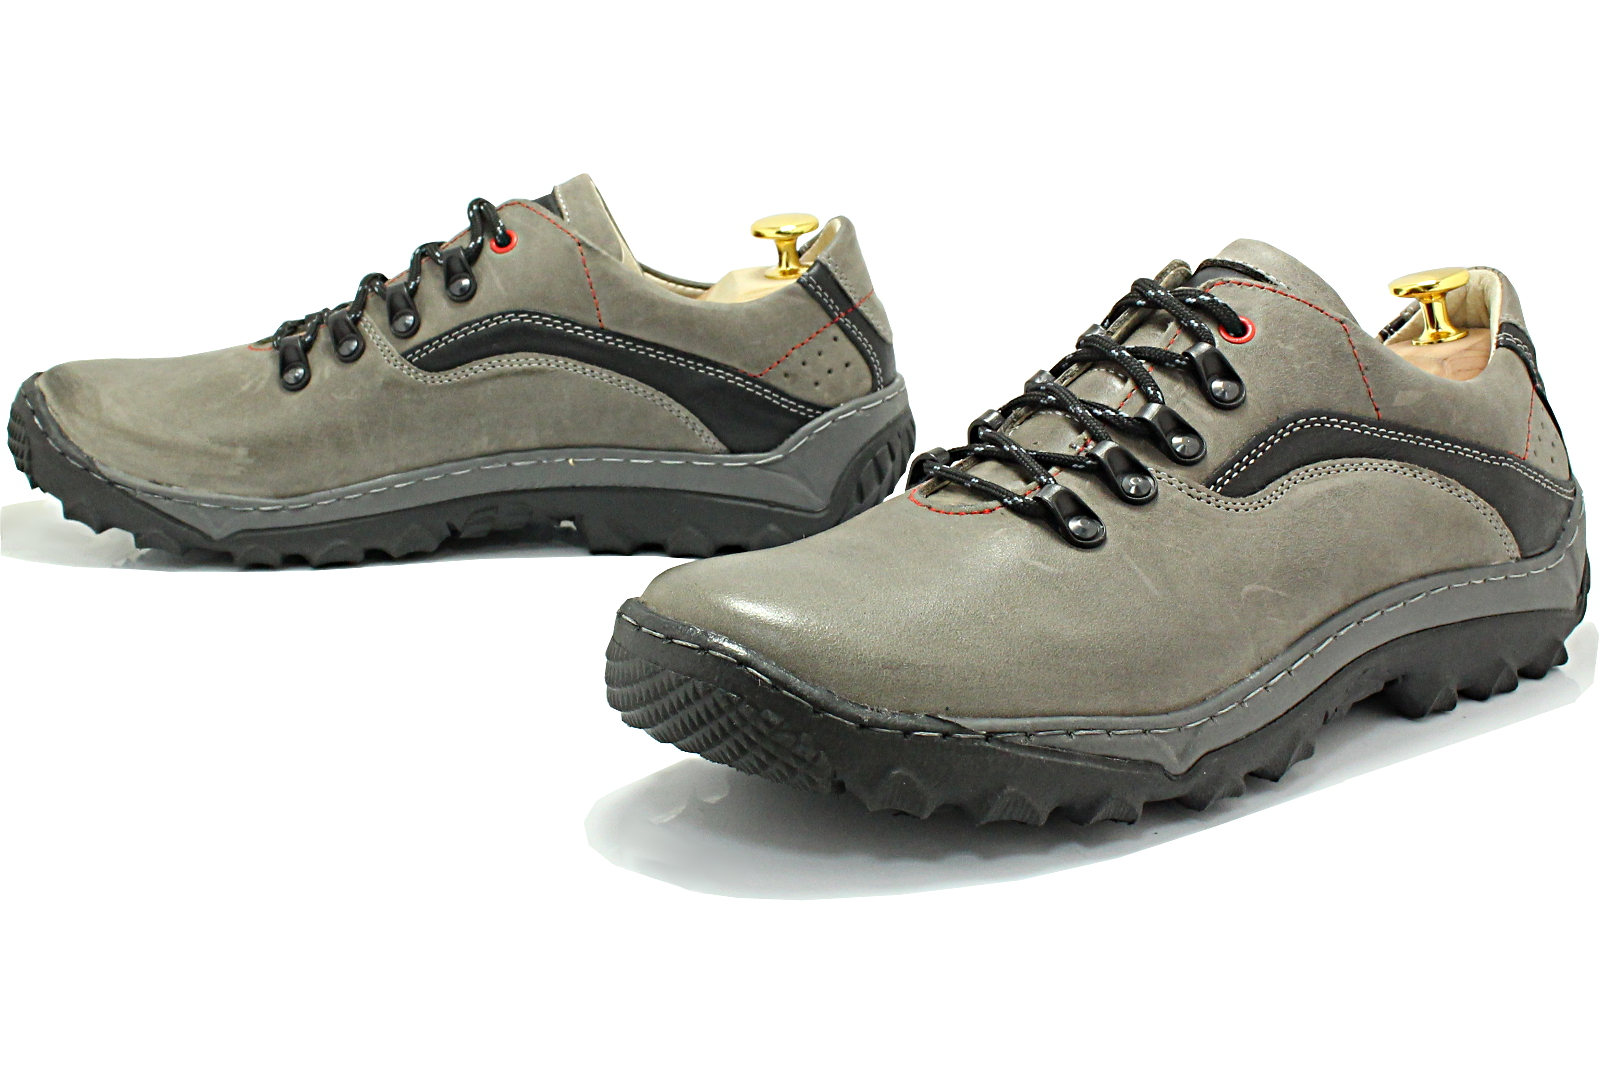 1d492933 KENT 268 SZARY - Polskie solidne buty trekkingowe ze skóry naturalnej